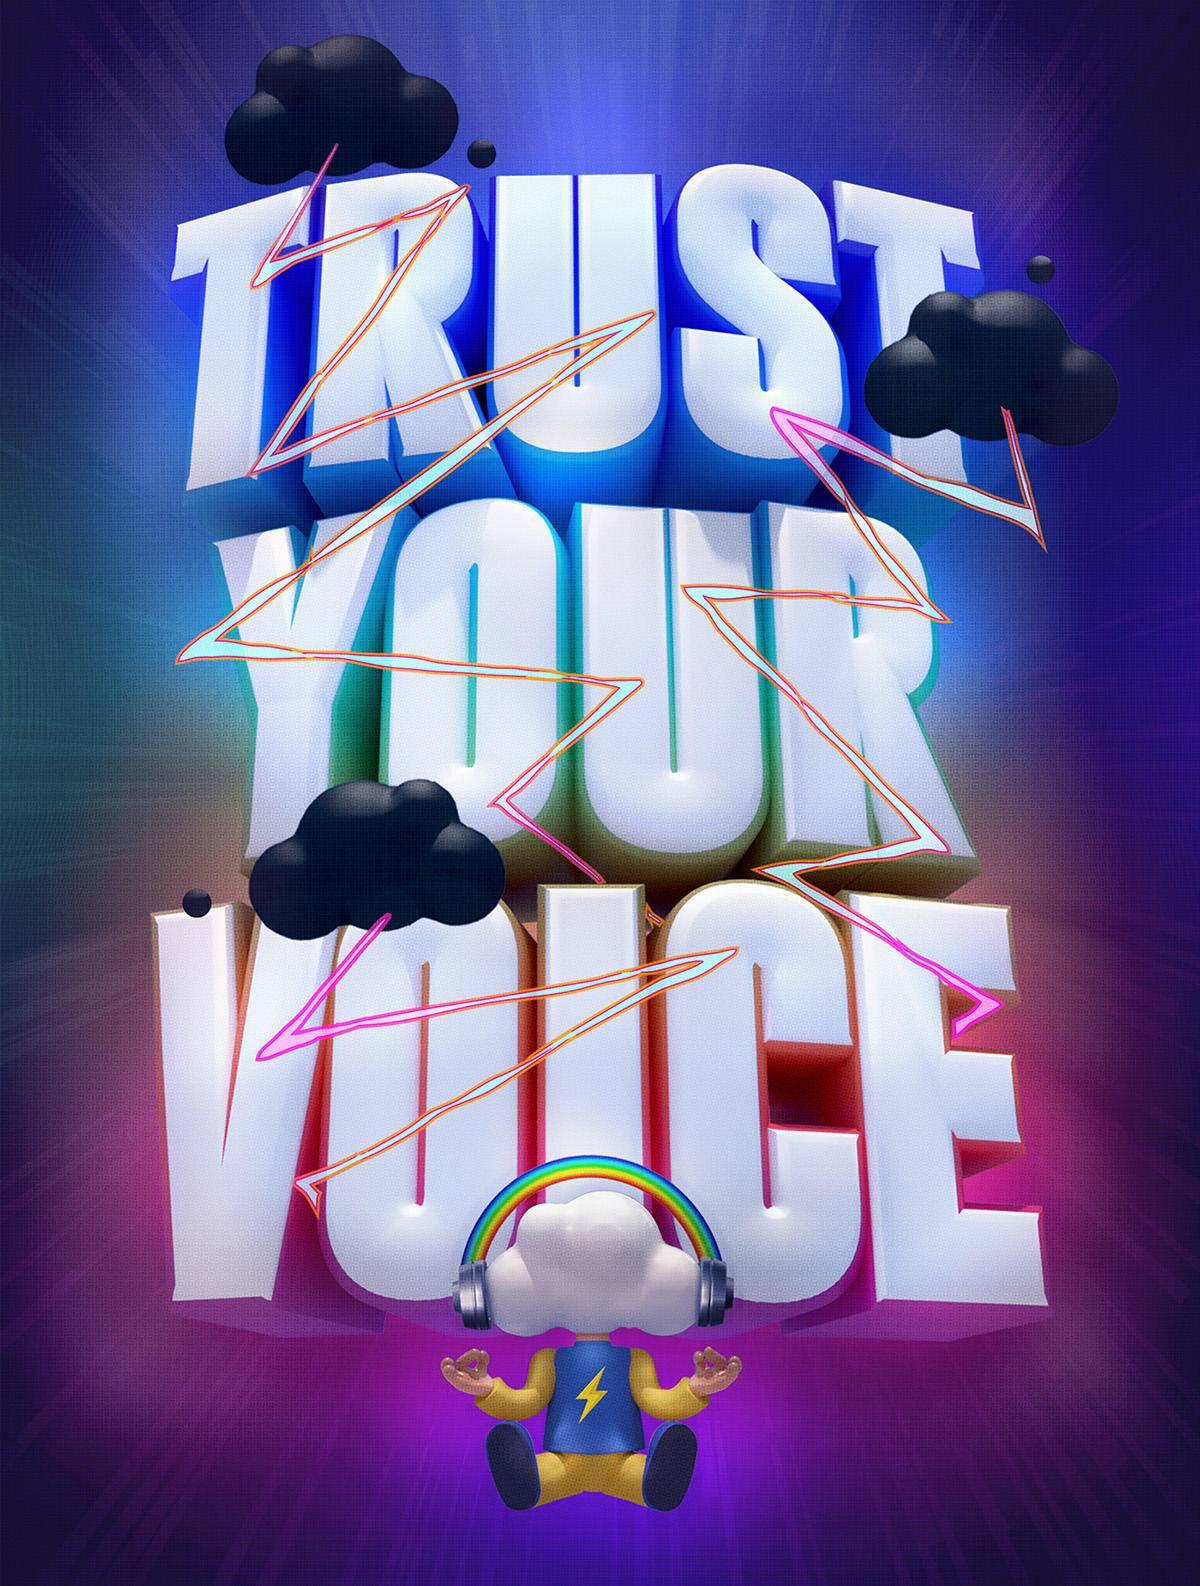 海报设计素材分享 创意十足的字体